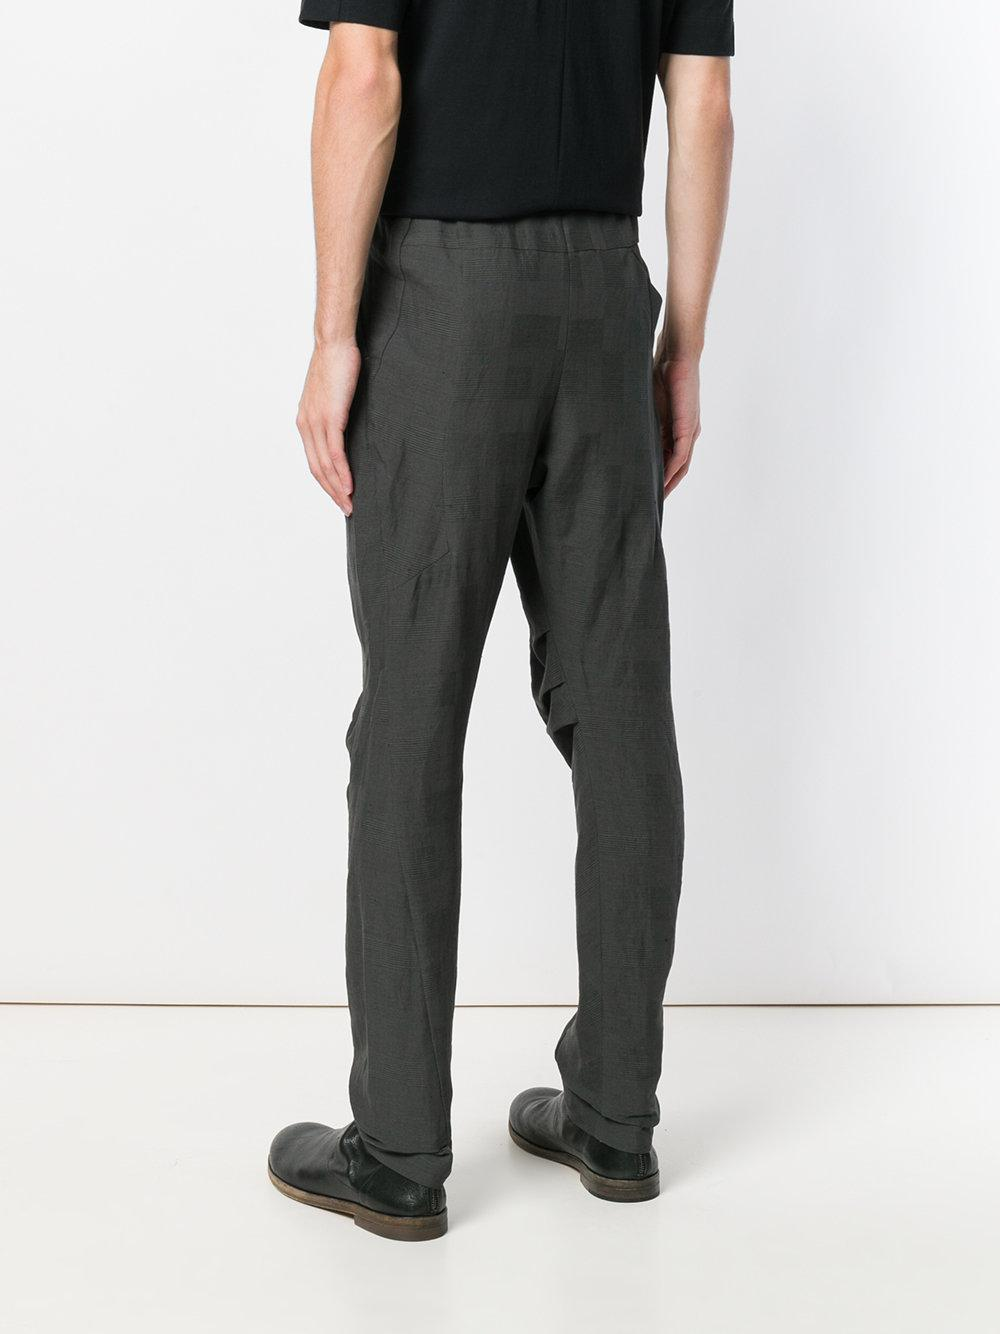 DEVOA Cotton Jodhpurs Trousers in Grey (Grey) for Men